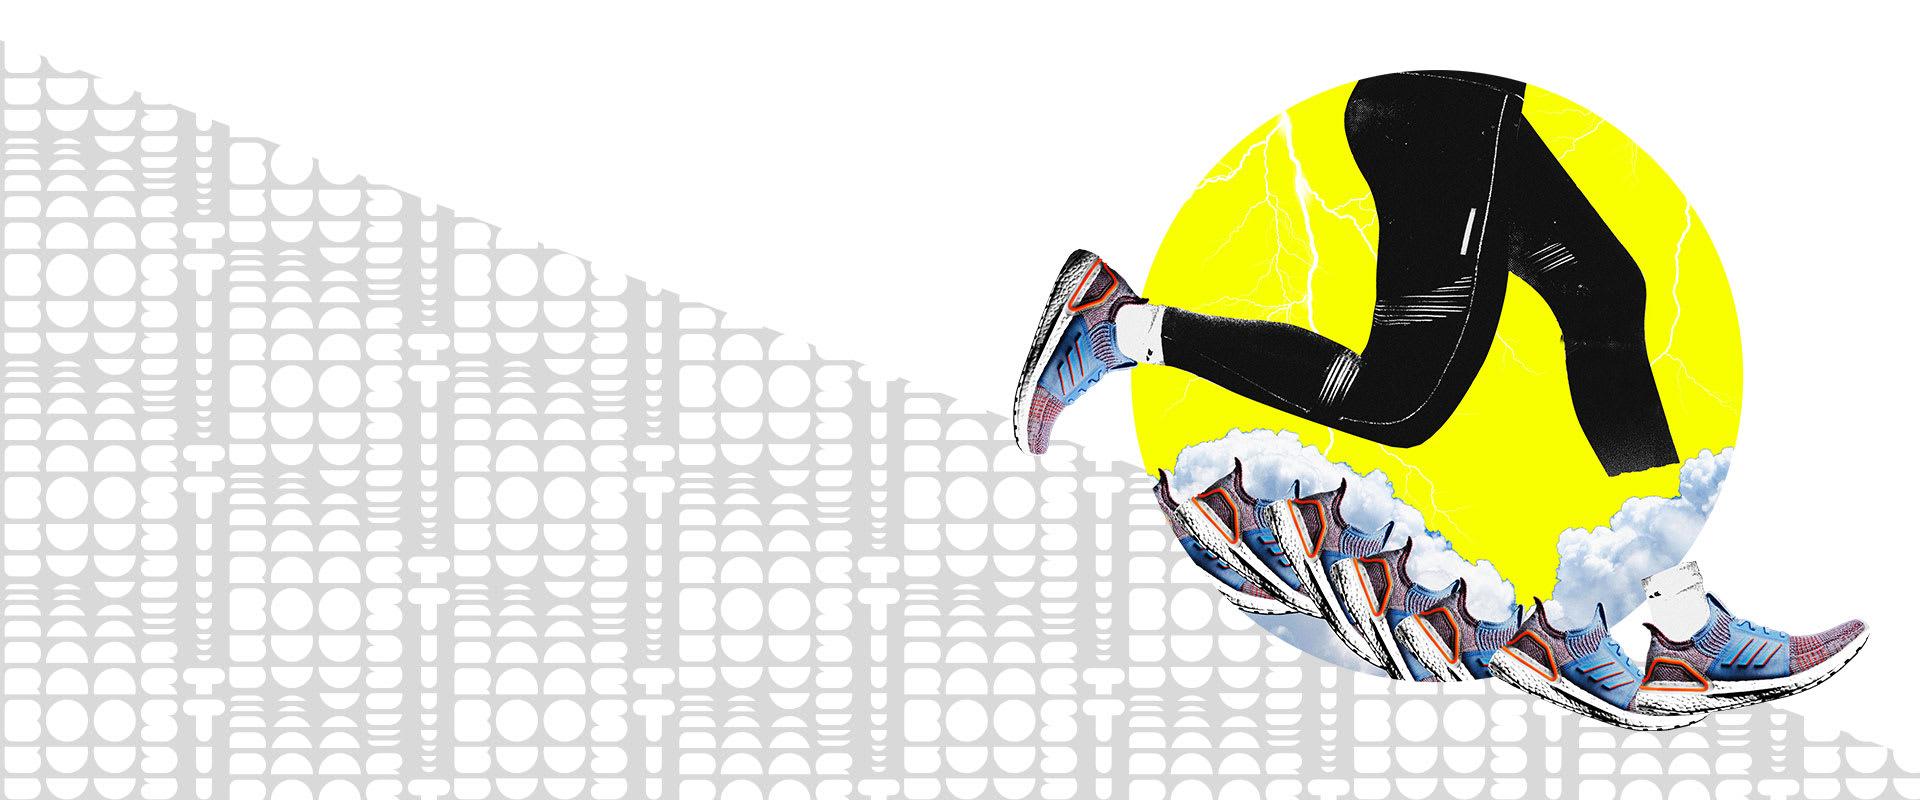 Sportivi Italiaarticoli Ufficiale Sportivi Store Ufficiale Store Store Adidas® Adidas® Adidas® Italiaarticoli Ib6yvYf7g